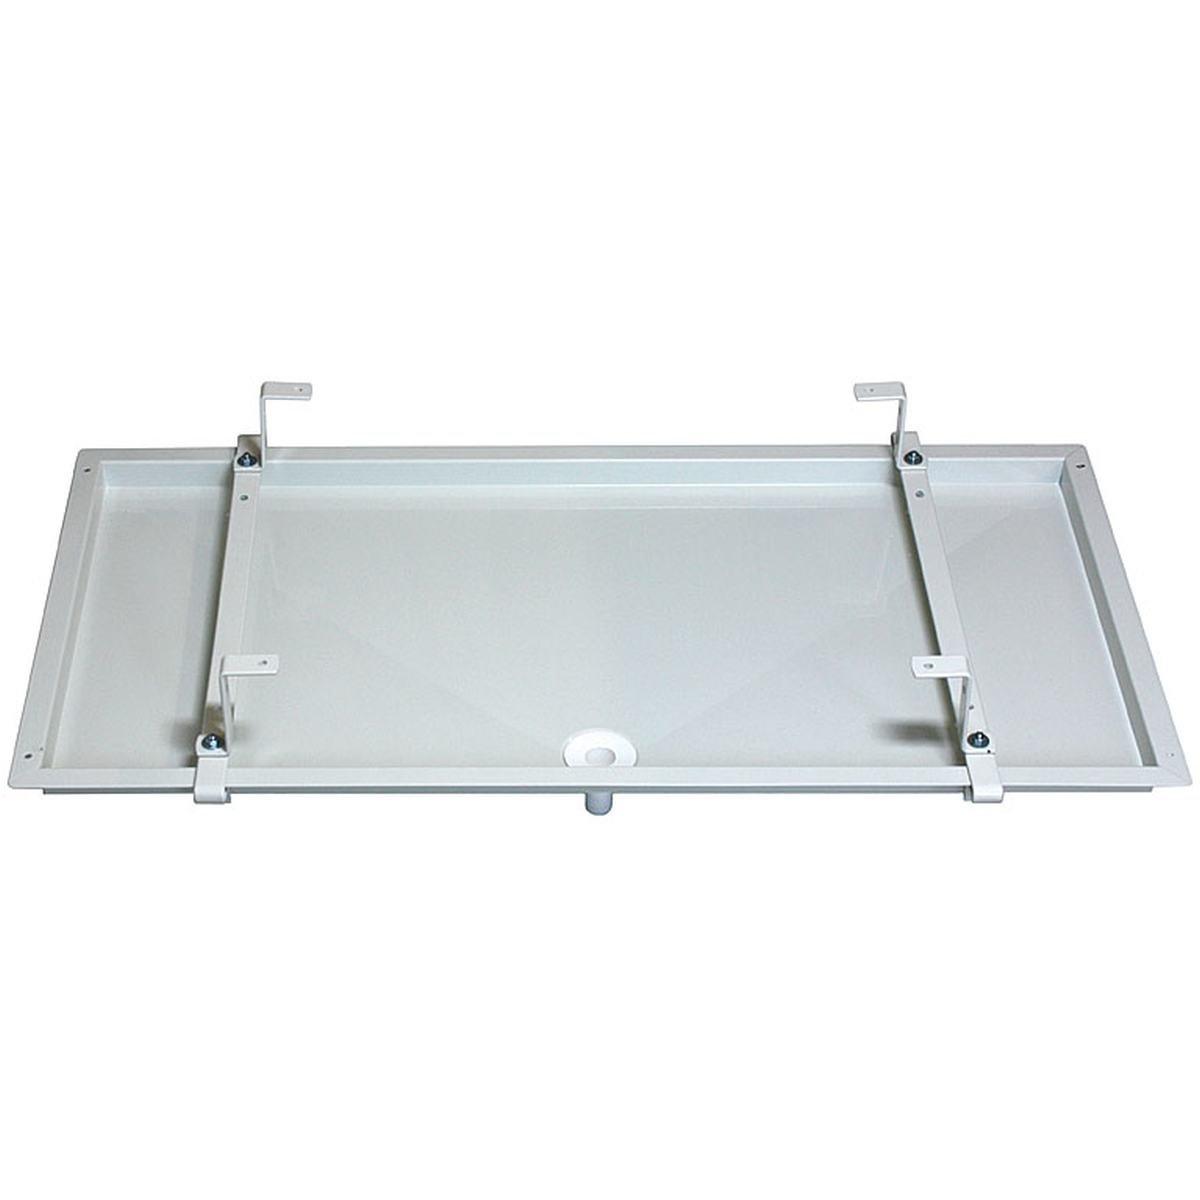 Droppskål PVC 390 x 790 mm